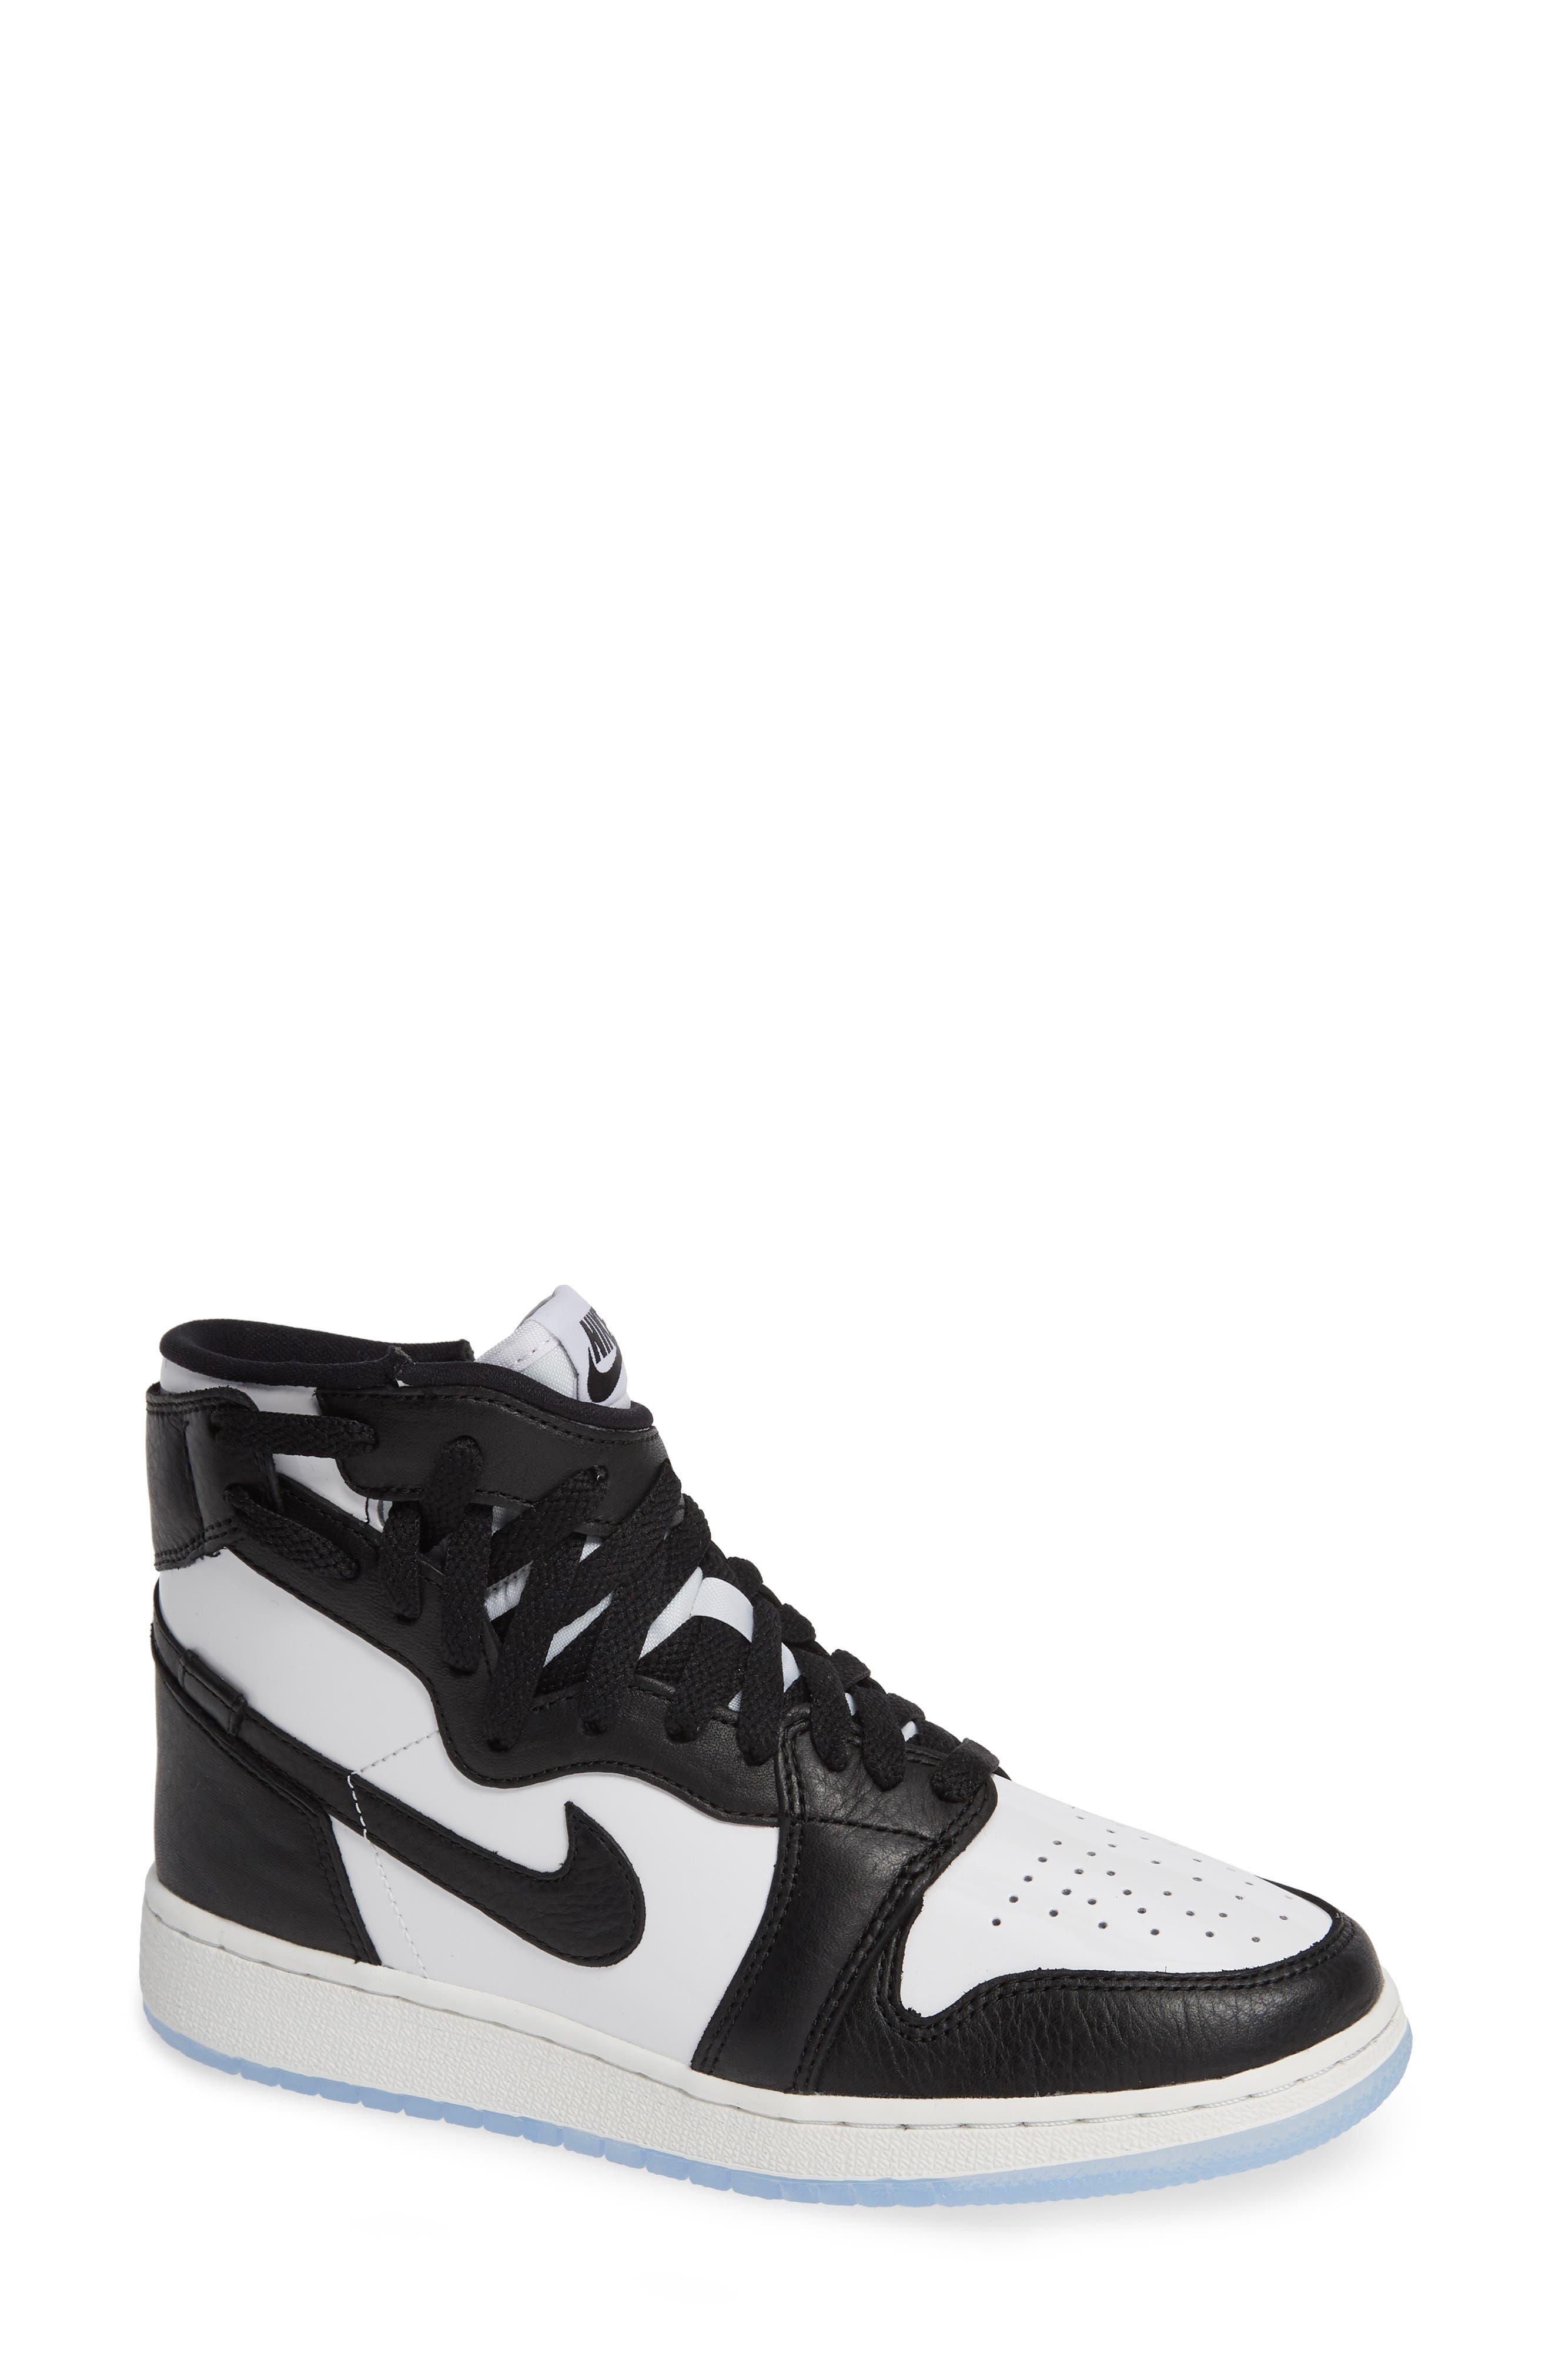 Air Jordan 1 Rebel XX High Top Sneaker,                             Main thumbnail 1, color,                             BLACK/ BLACK